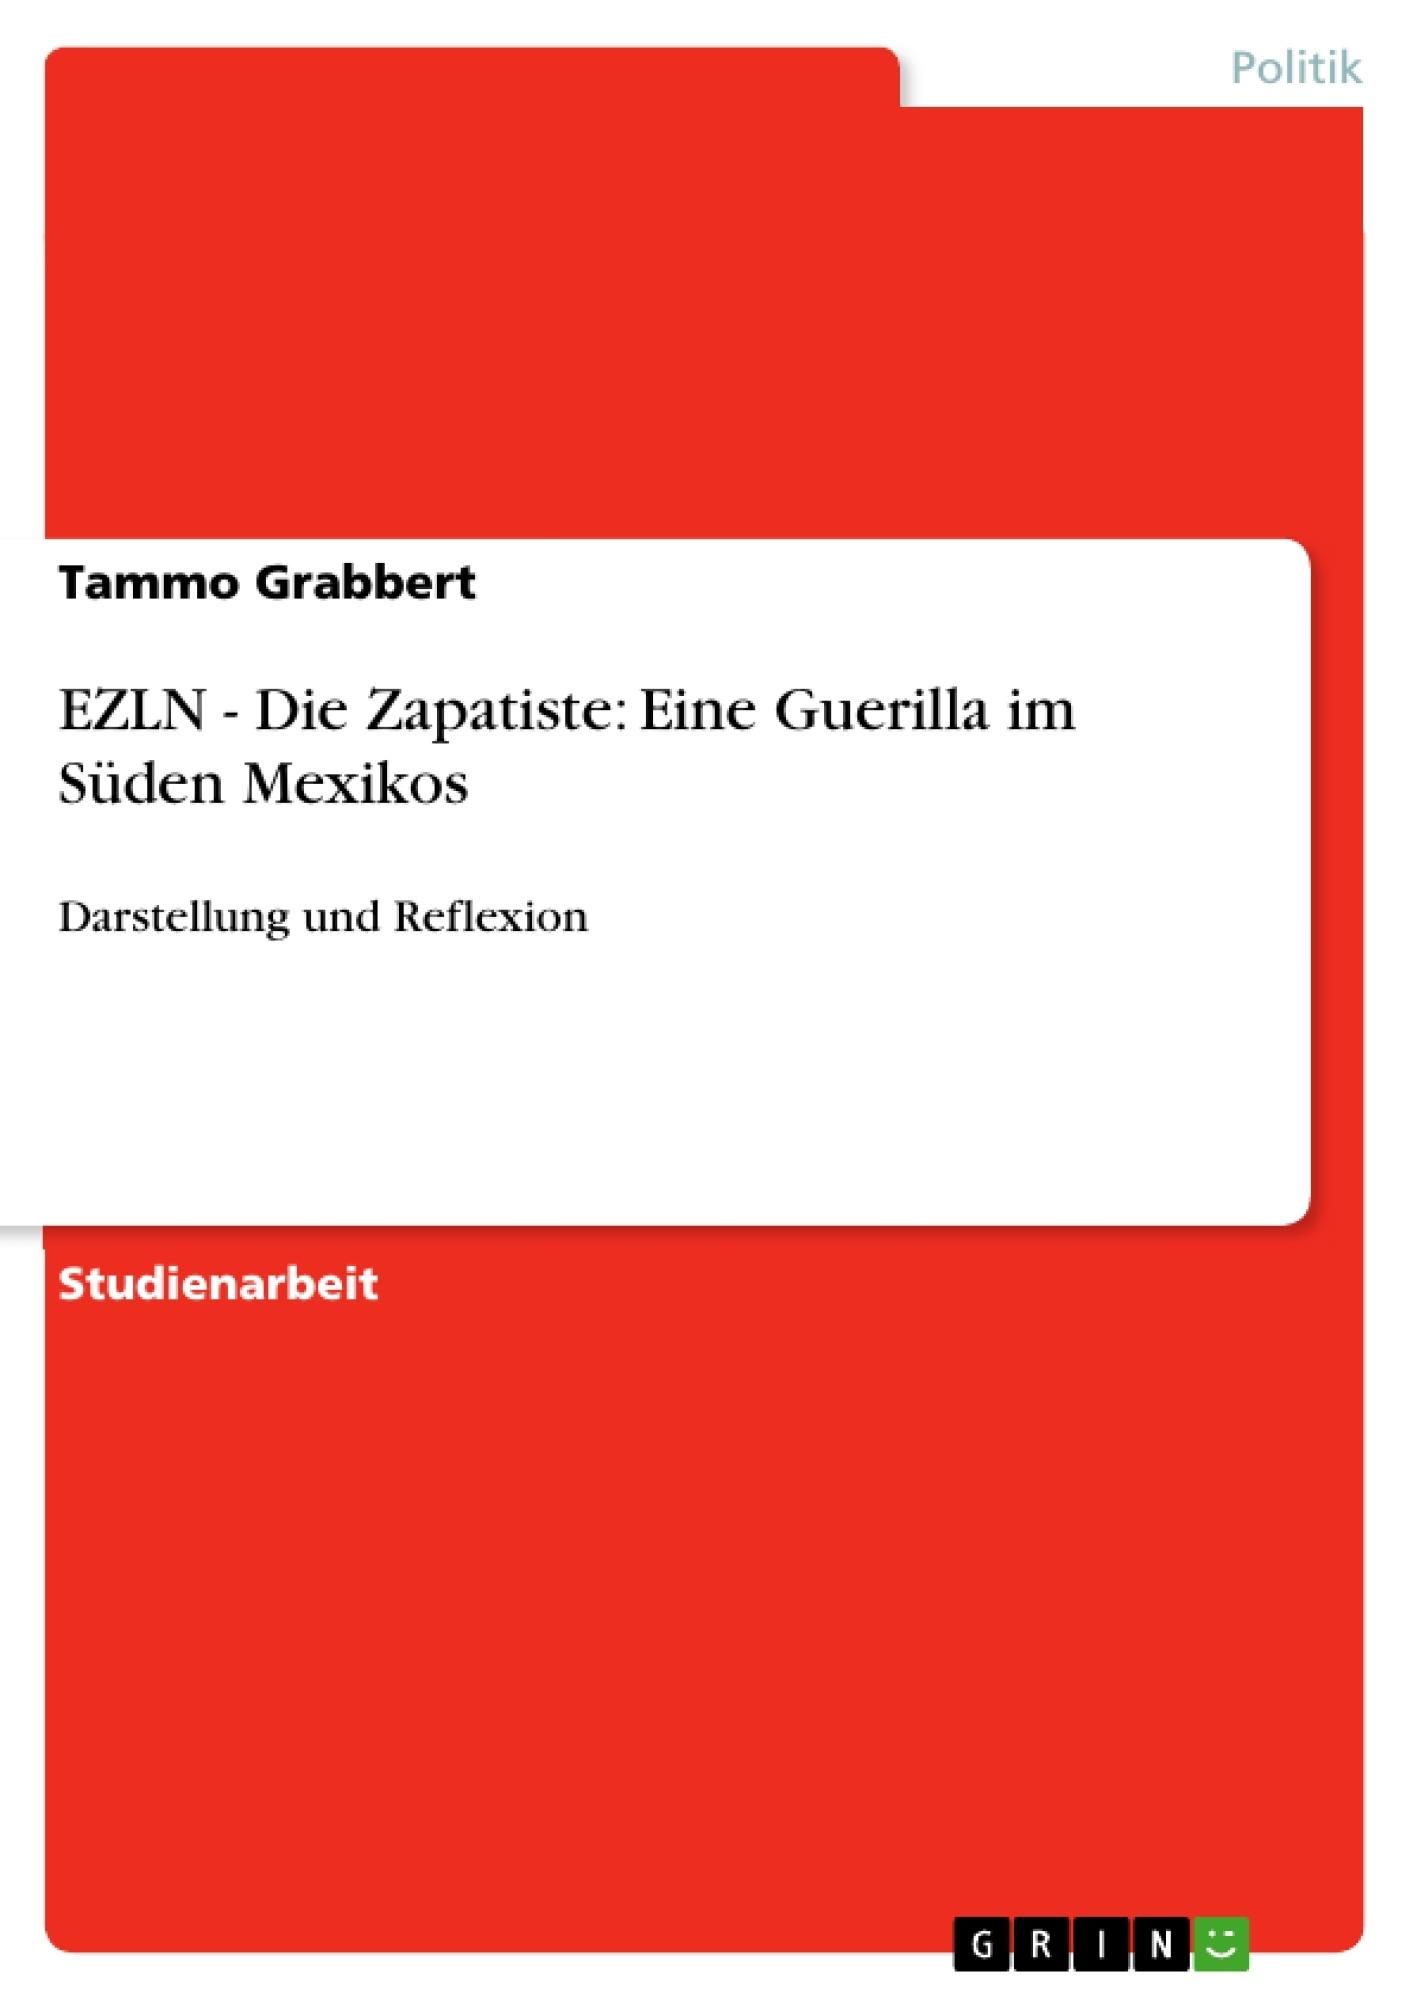 Titel: EZLN - Die Zapatiste: Eine Guerilla im Süden Mexikos